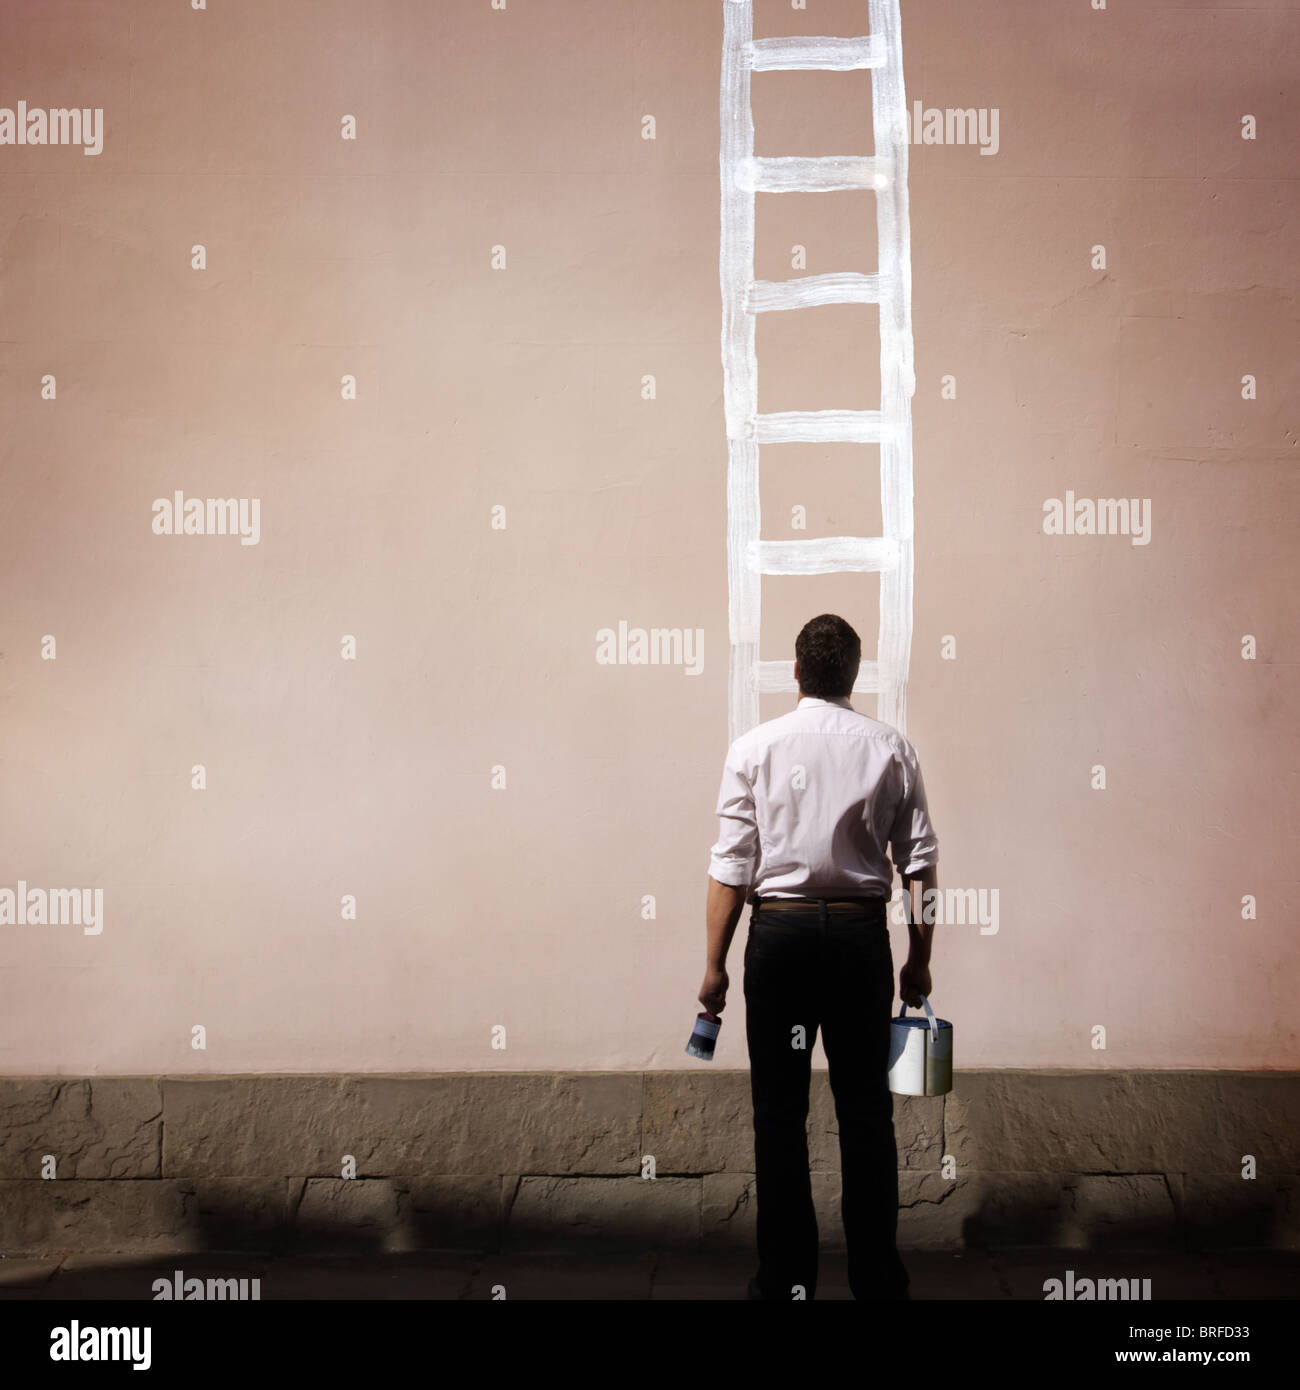 Avec l'échelle de l'homme peint sur le mur Photo Stock